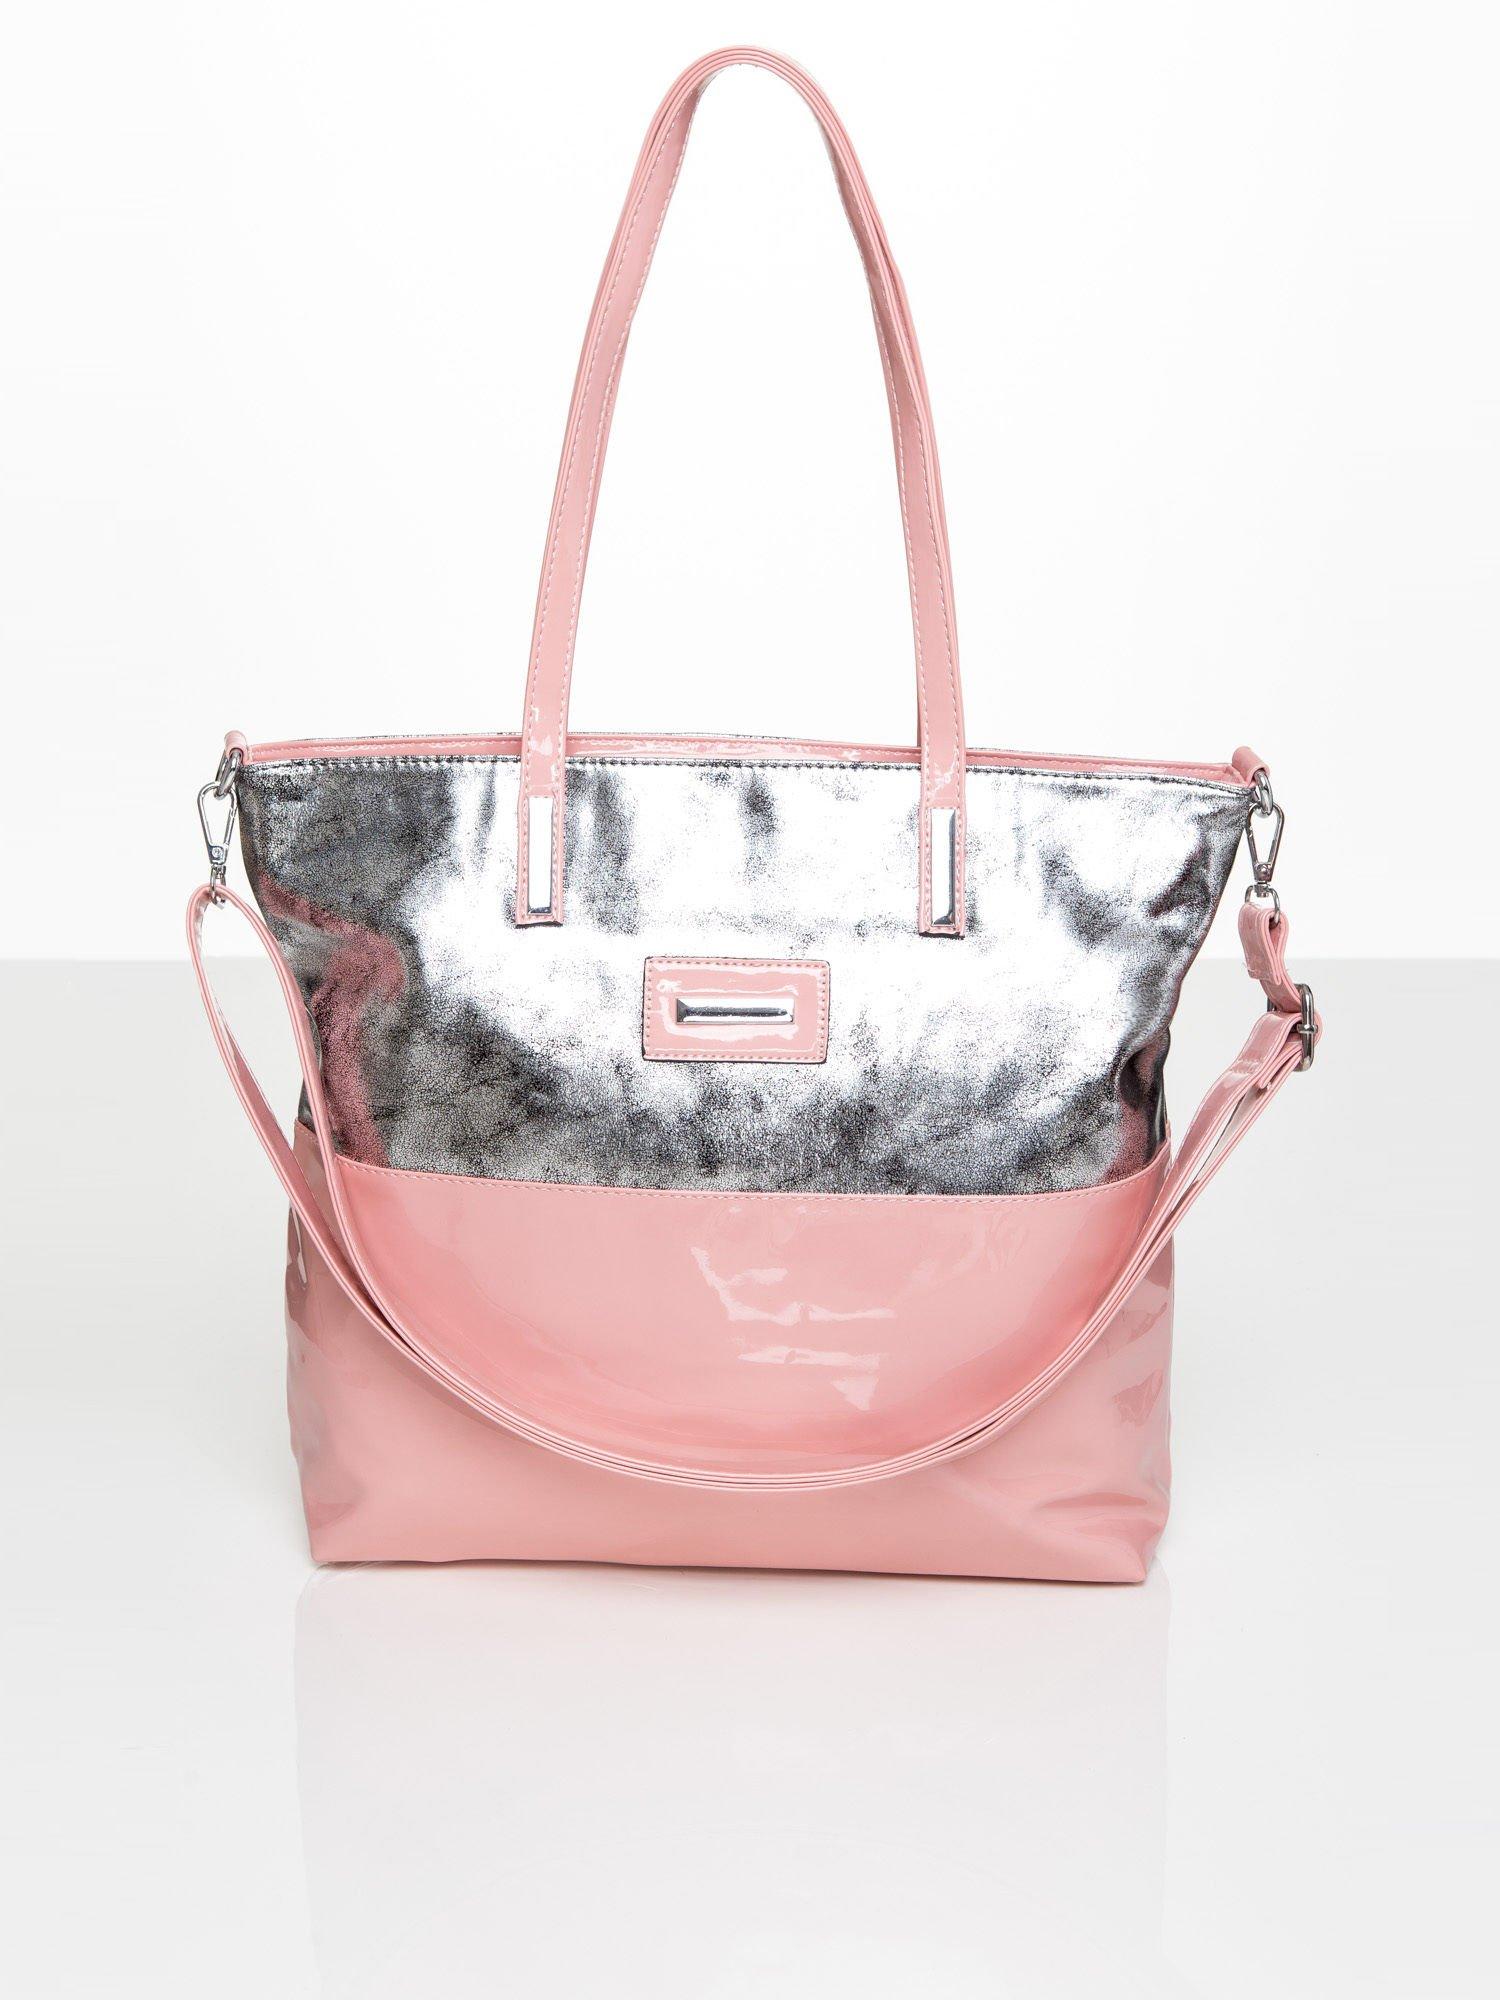 4ac315e2b77a2 Lakierowana torba shopper ze srebrną górą różowa - Akcesoria torba ...